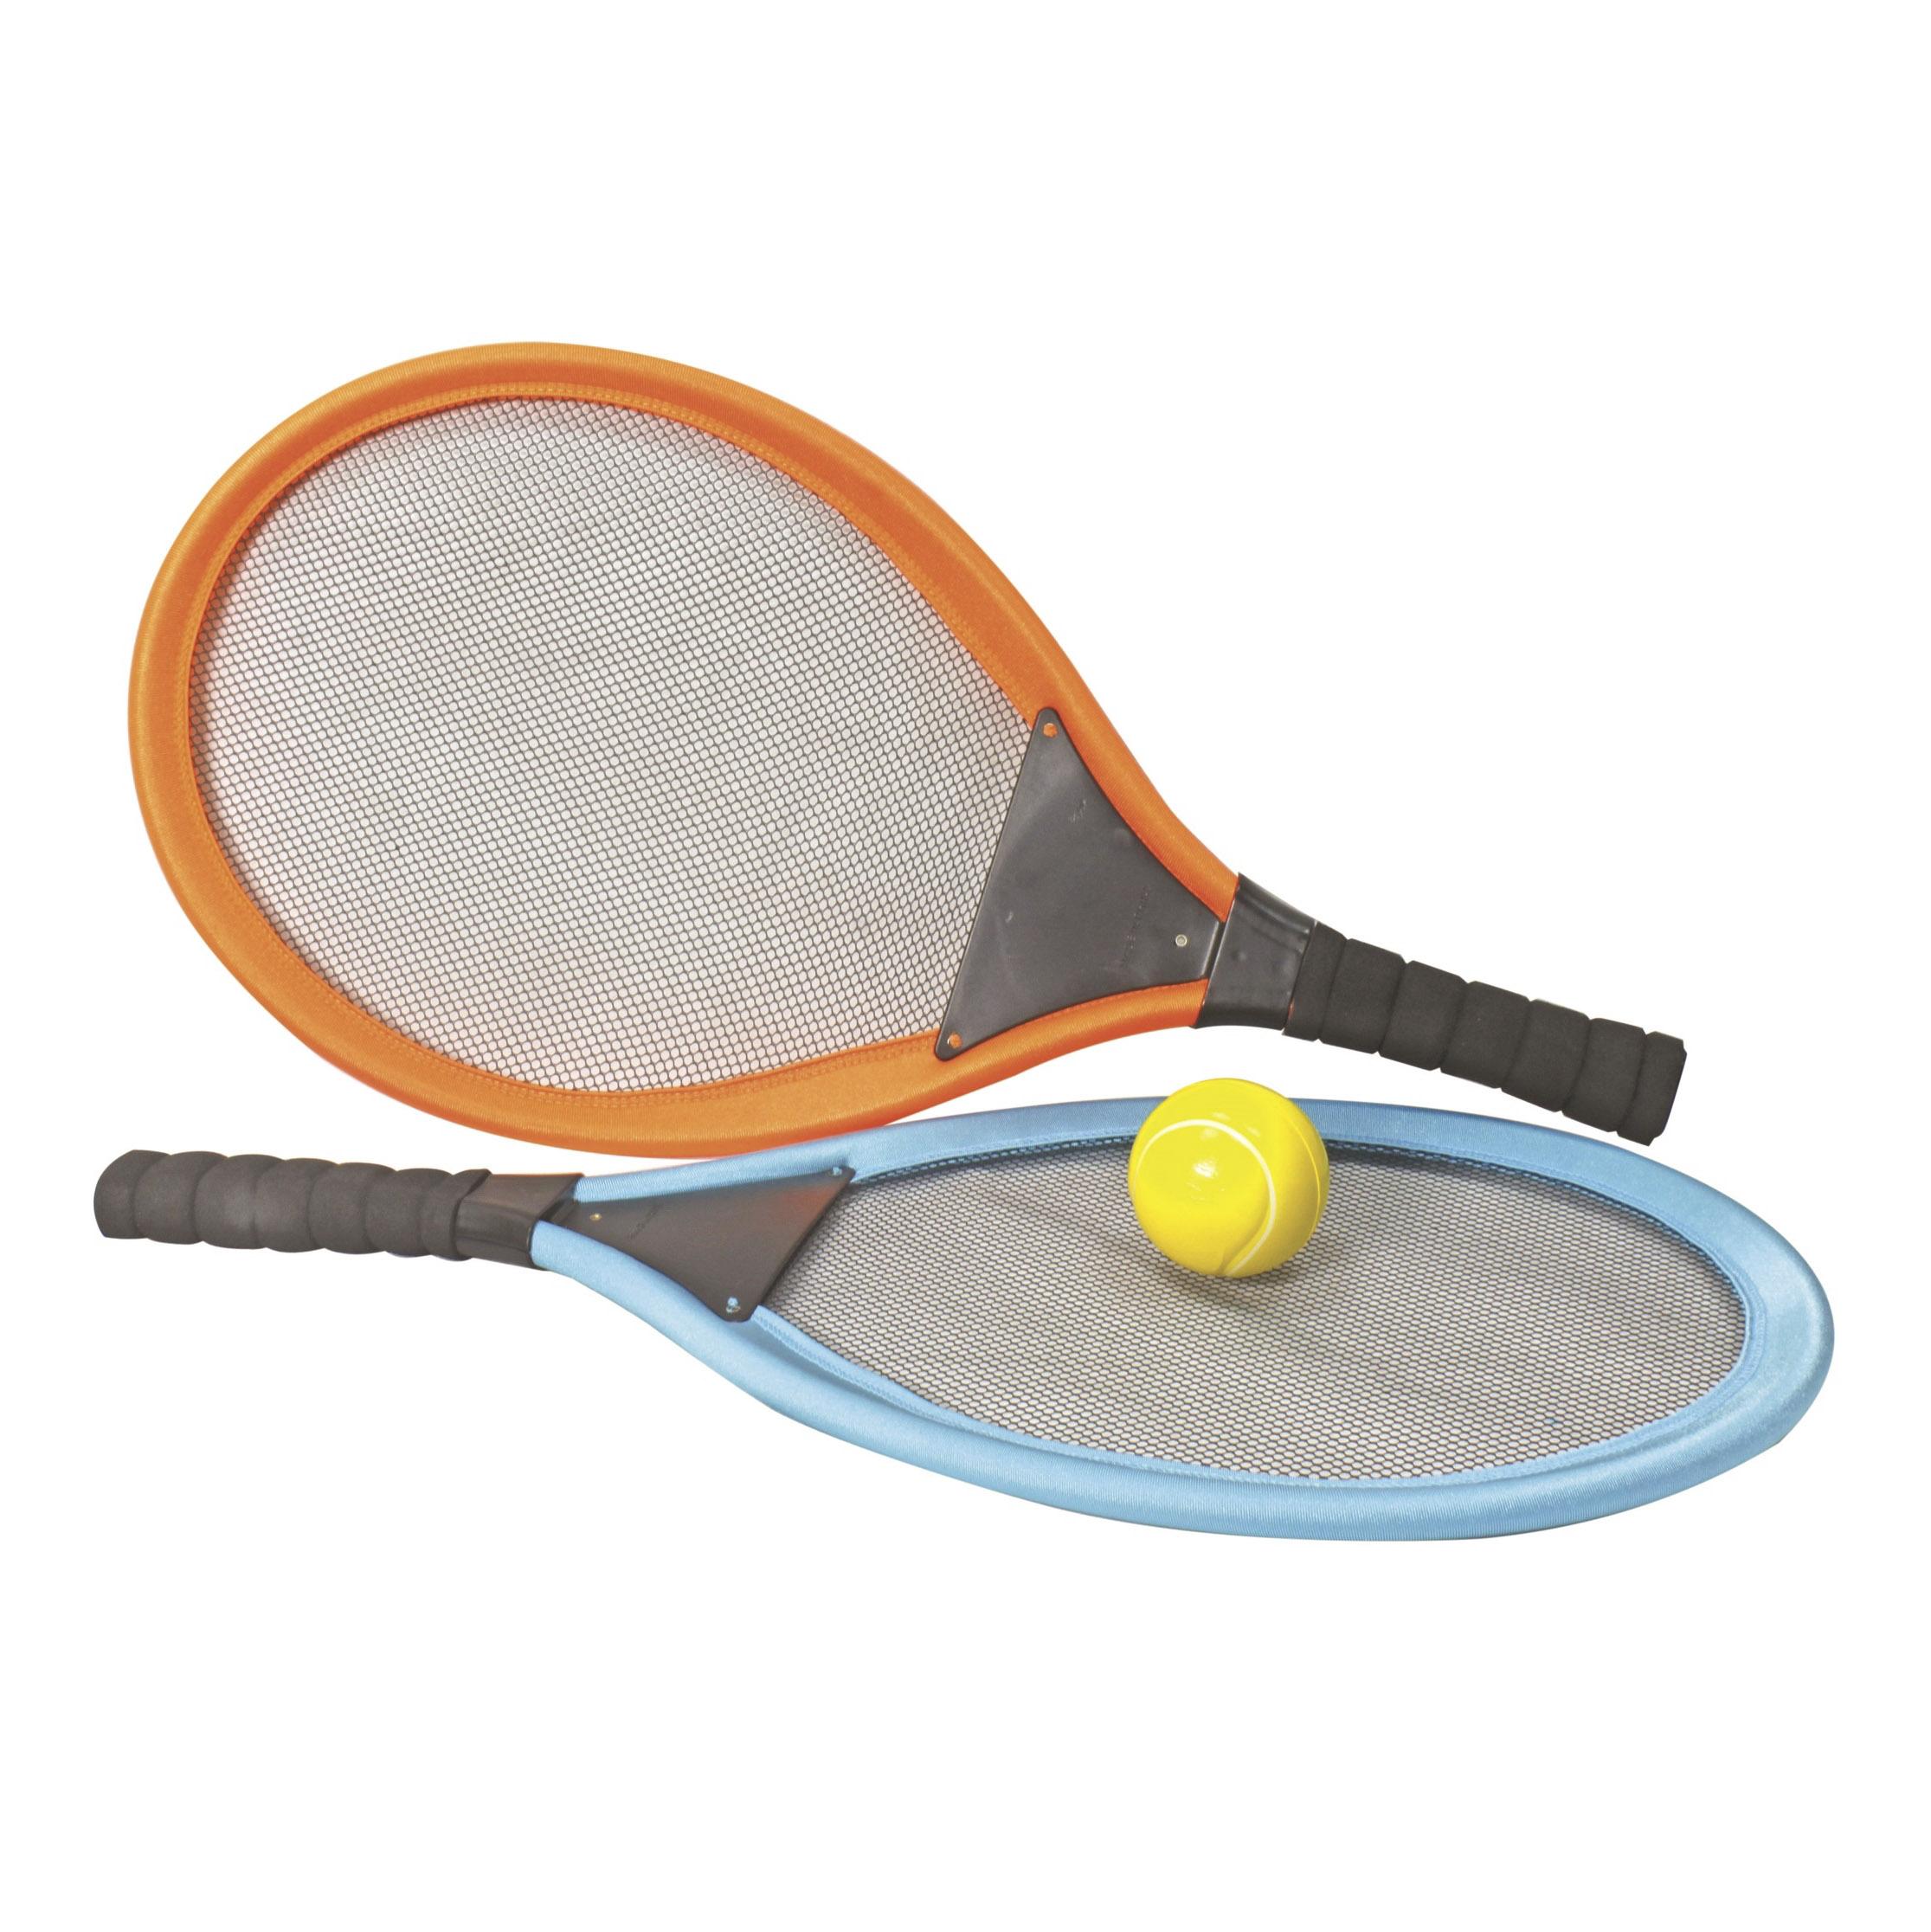 Набор для тенисса 1Toy ракетки и мячик 25x74 см